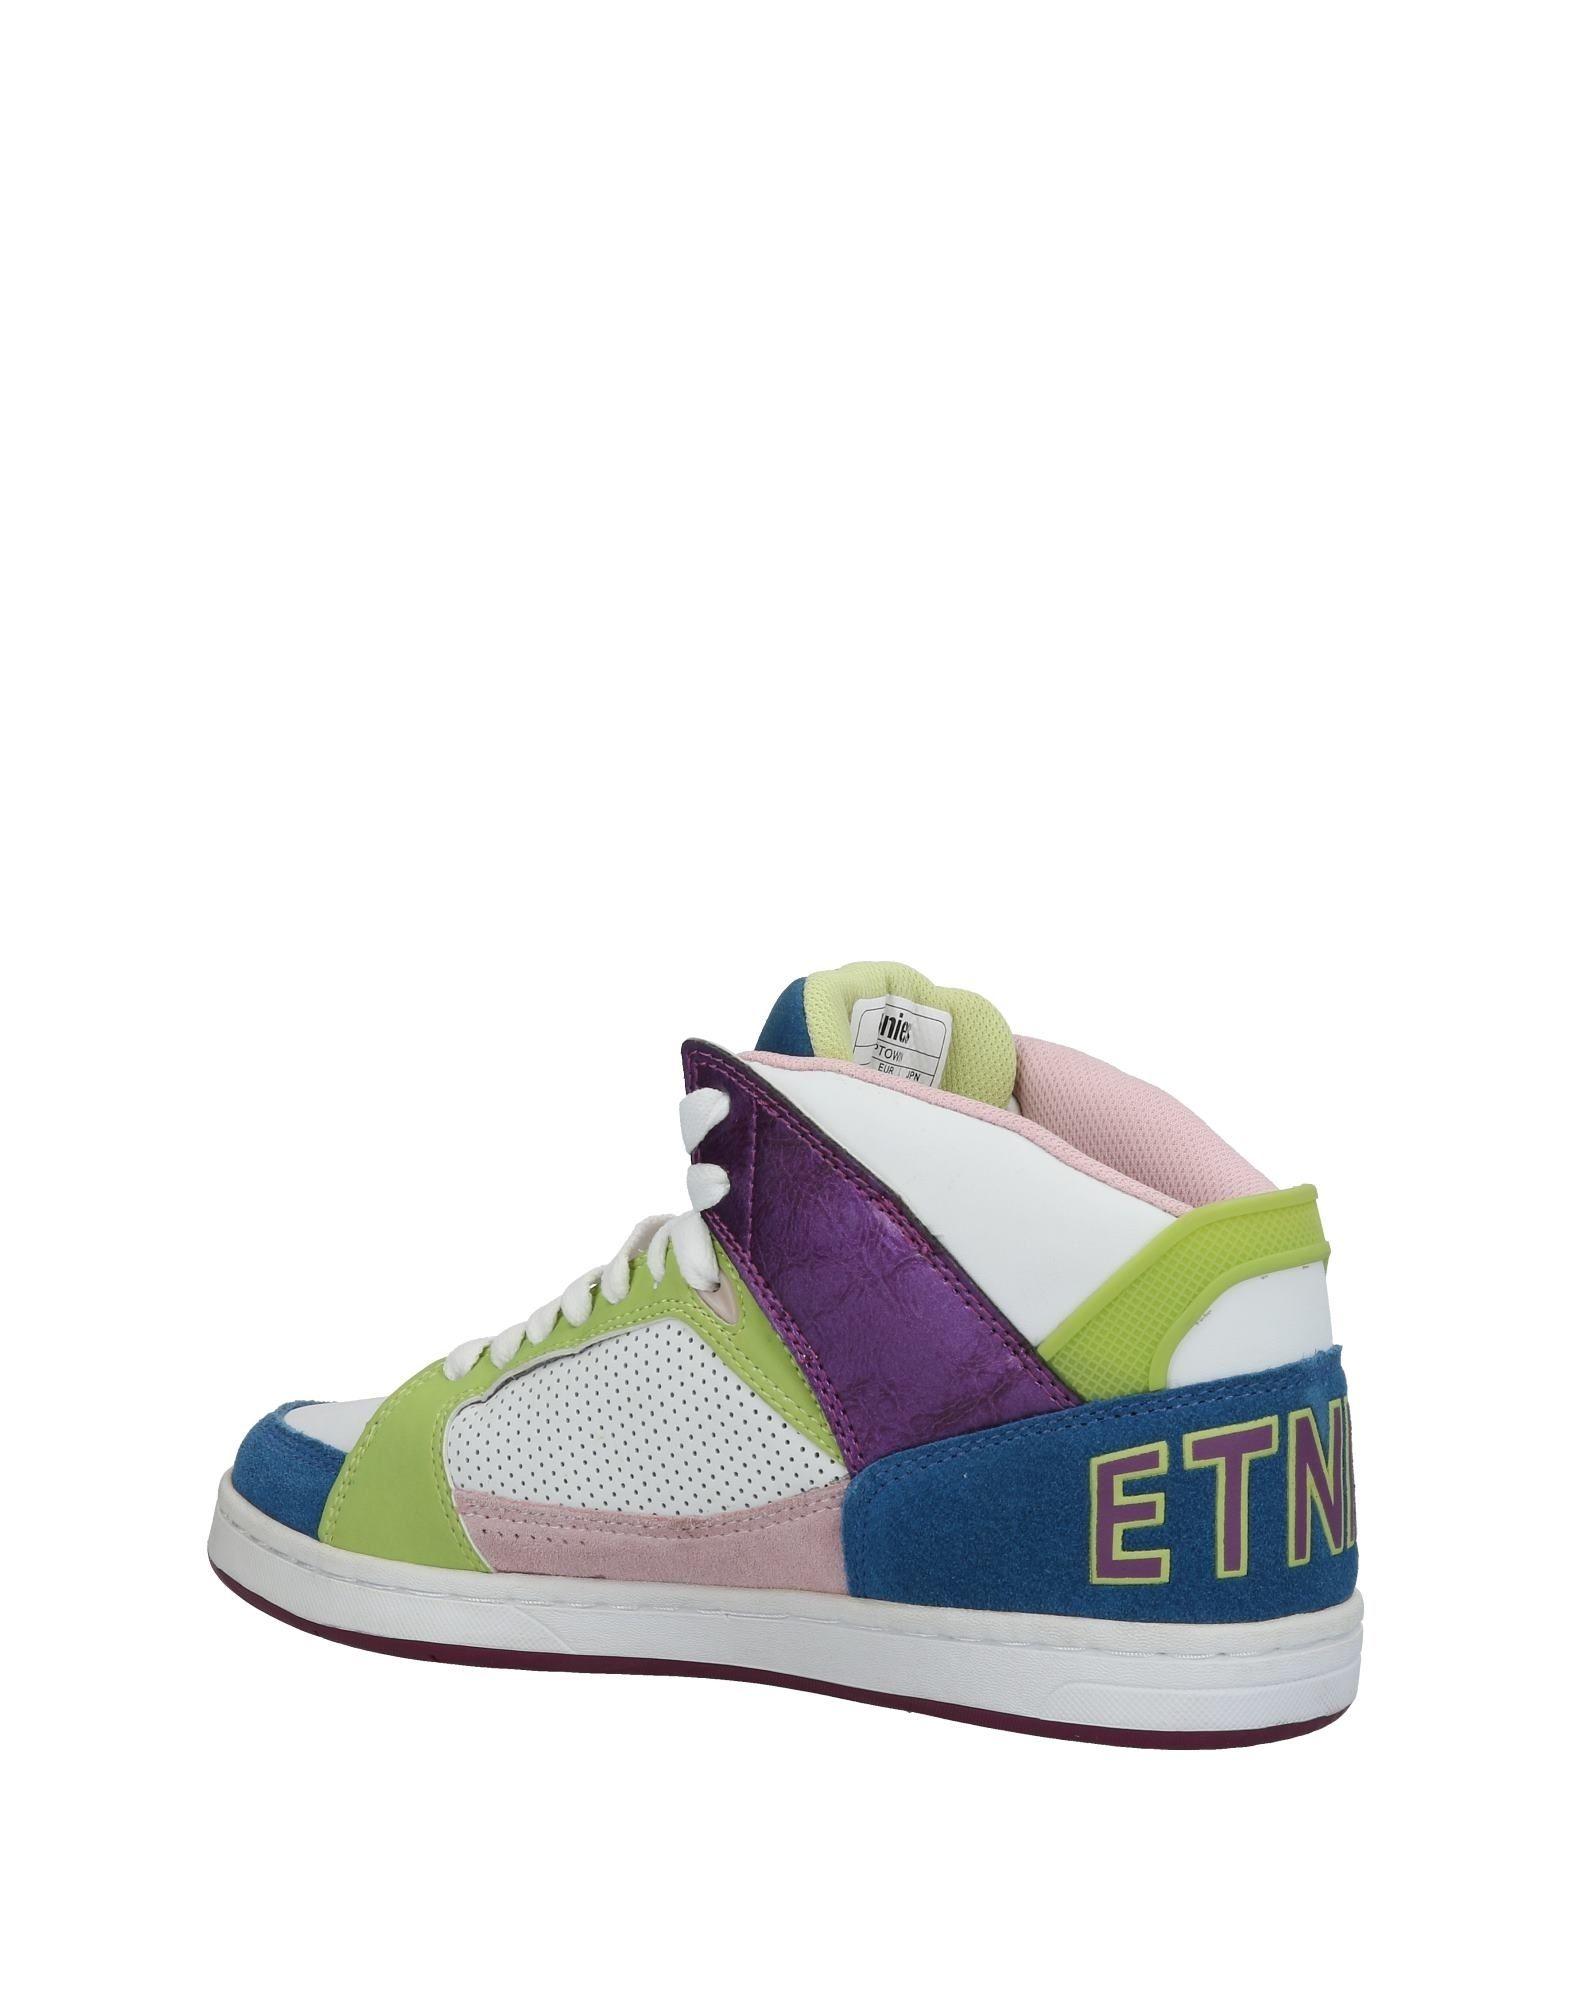 Sneakers Etnies Femme - Sneakers Etnies sur